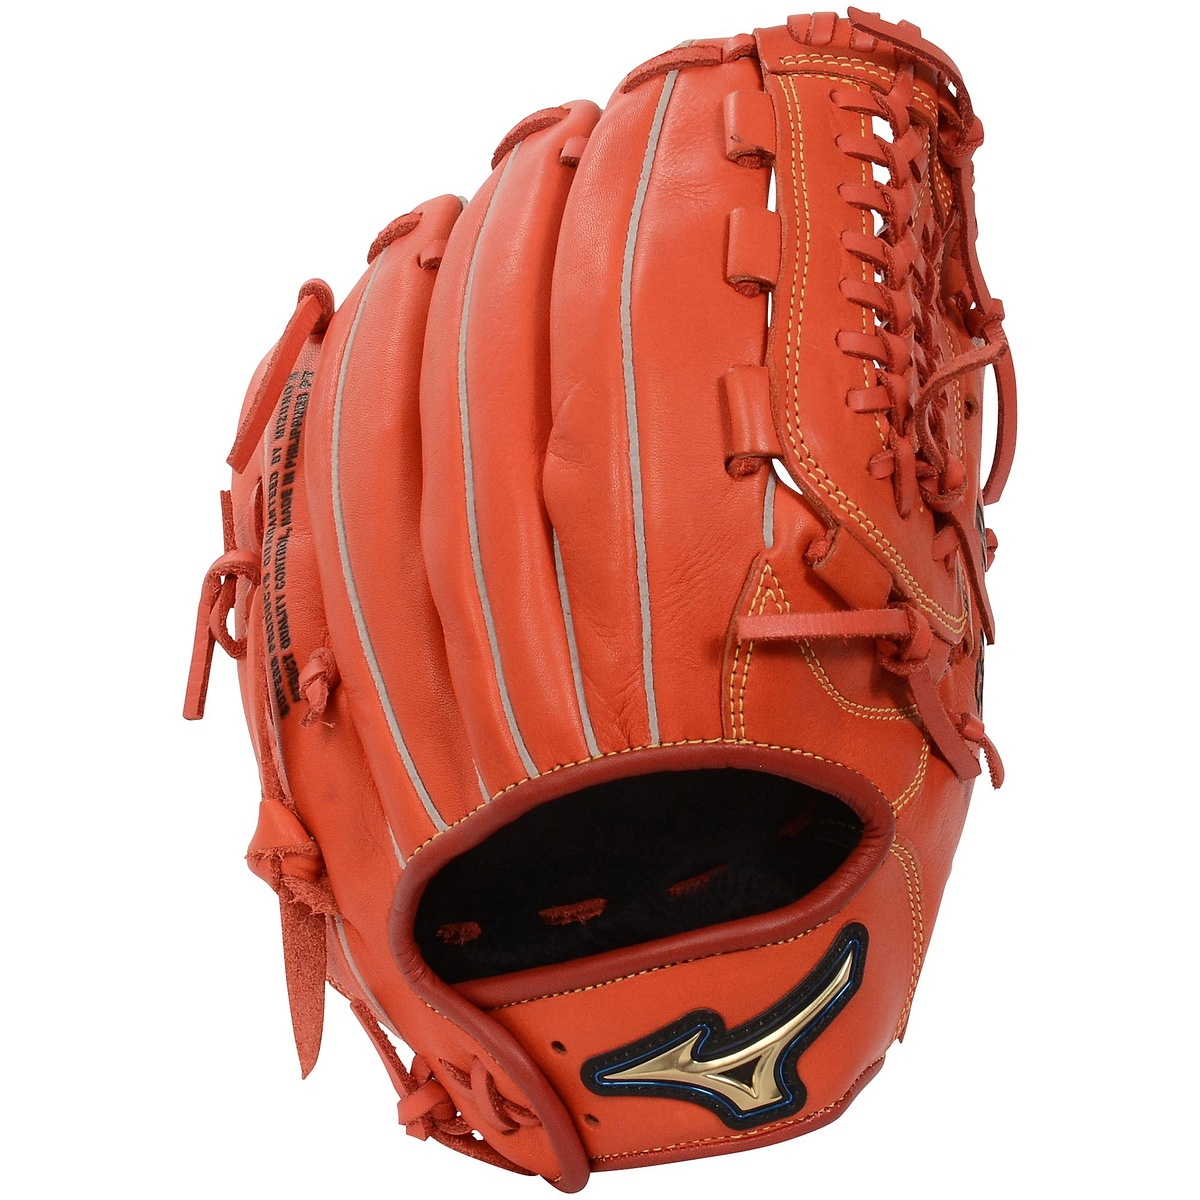 【送料無料】 MIZUNO (ミズノ) 野球 ソフトボールグローブ少年 JRソフトボールNB セレクト9 メンズ スプレンディッドオレンジ 1AJGS20830 52